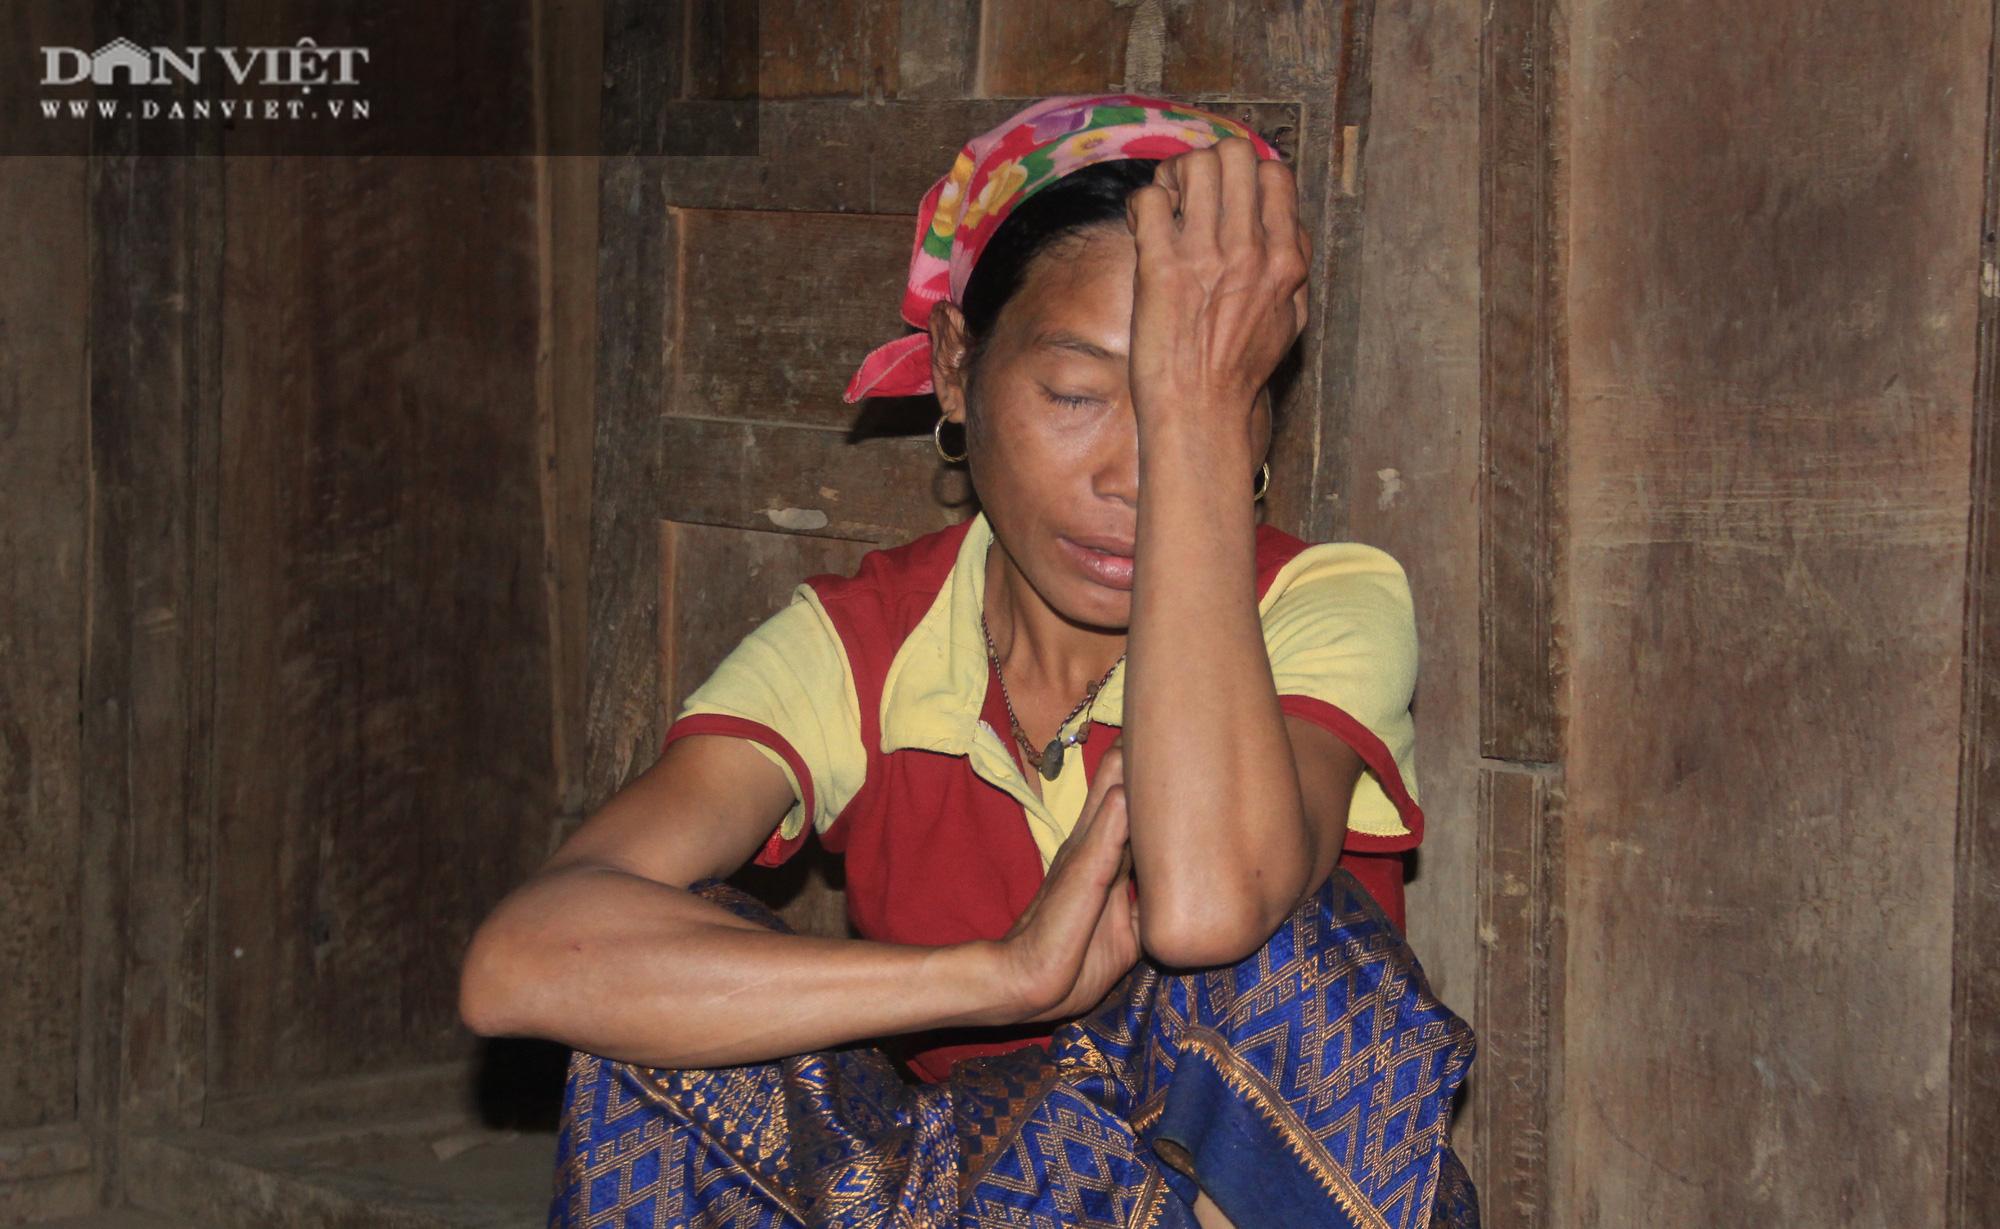 Ác mông mới ở Chăm Puông (Bài cuối): Nếu chị em vẫn quyết có thai... đem bán, thì chúng ta còn thất bại! - Ảnh 1.